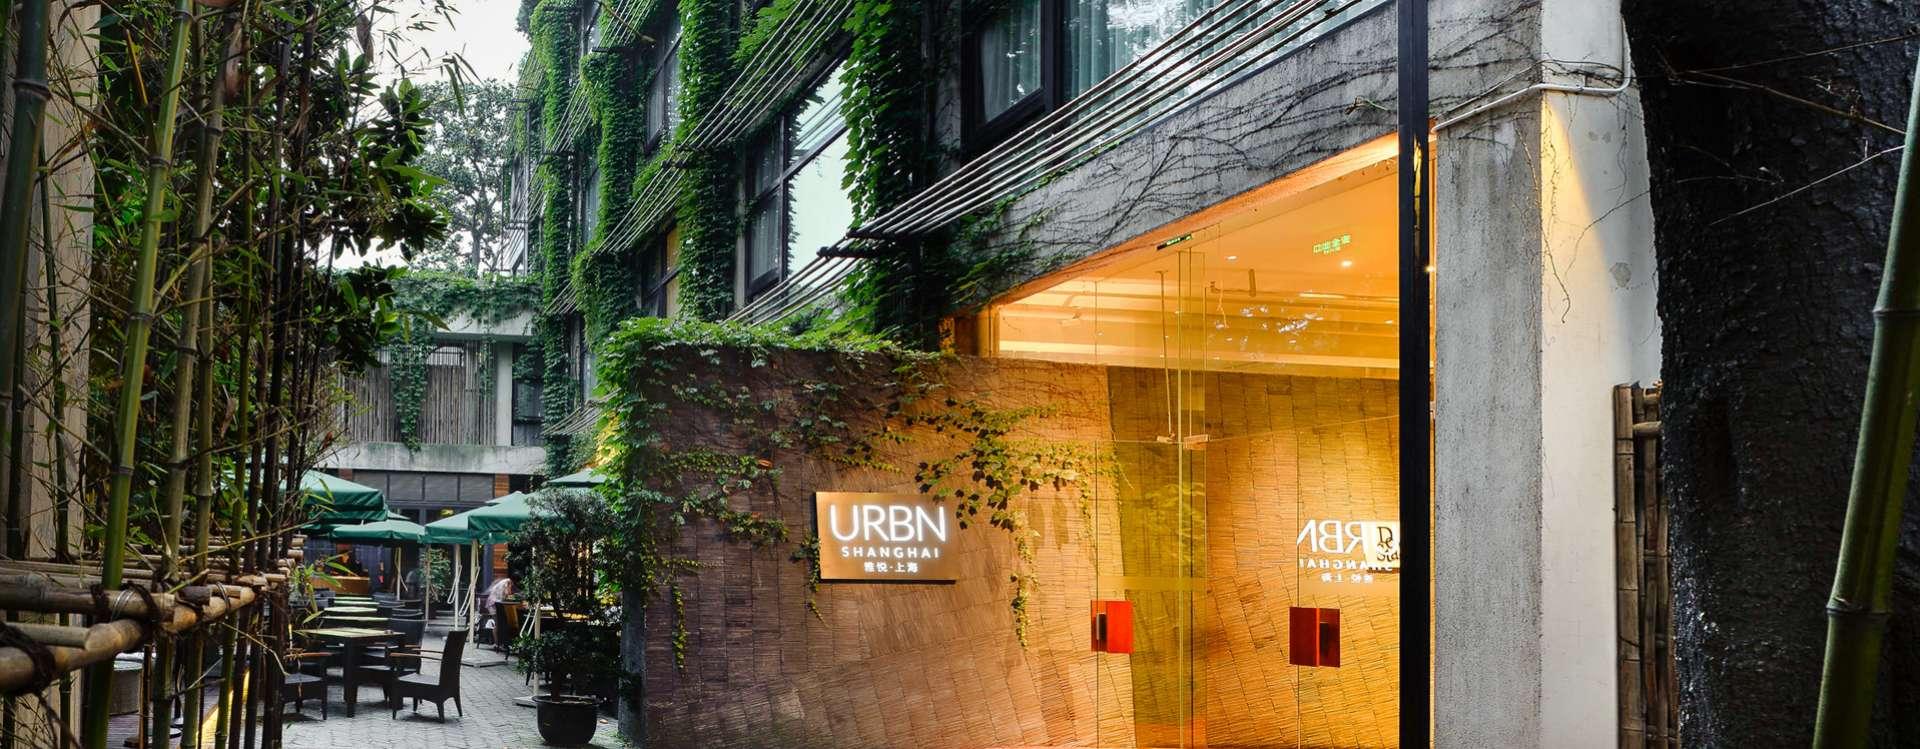 Tourisme durable : les hôtels se réinventent